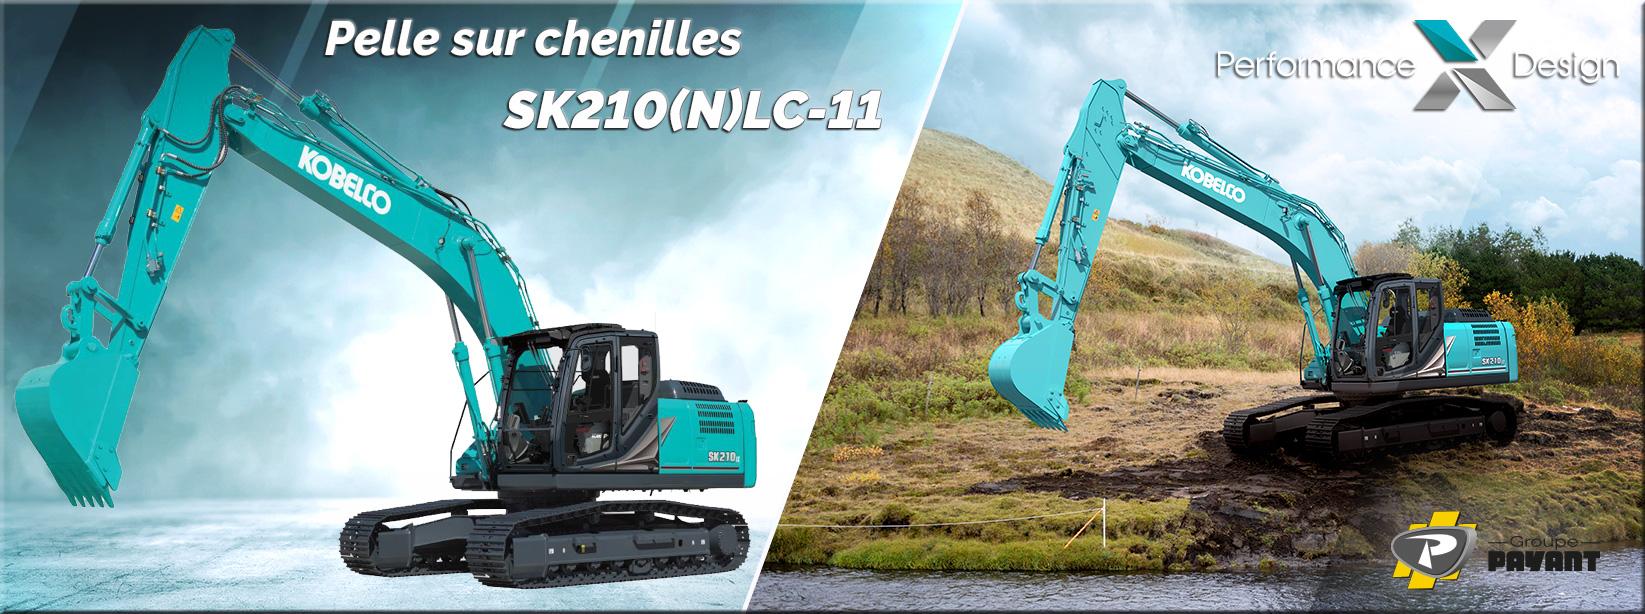 Pelle sur chenilles SK210(N)LC-11 Kobelco